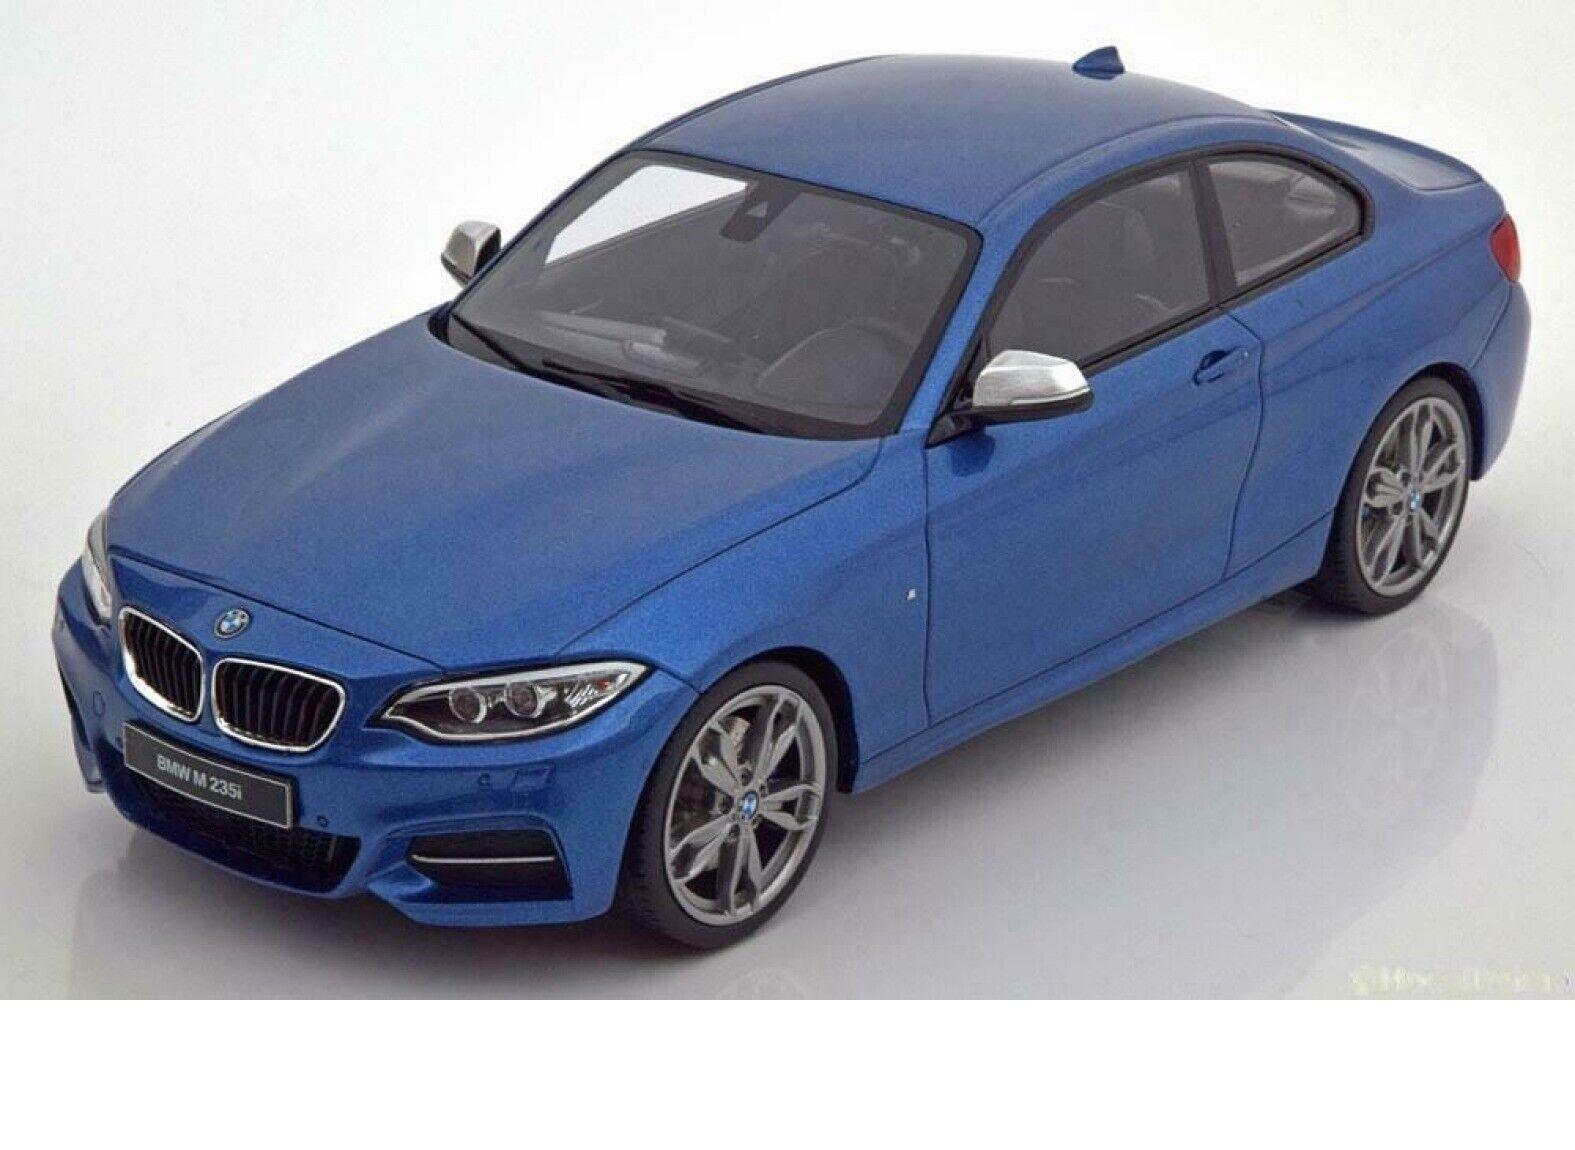 BMW M235i azul Metálico 1 18 Gt-Spirit Coche Modelo Edición Limitada De Regalo Perfecto